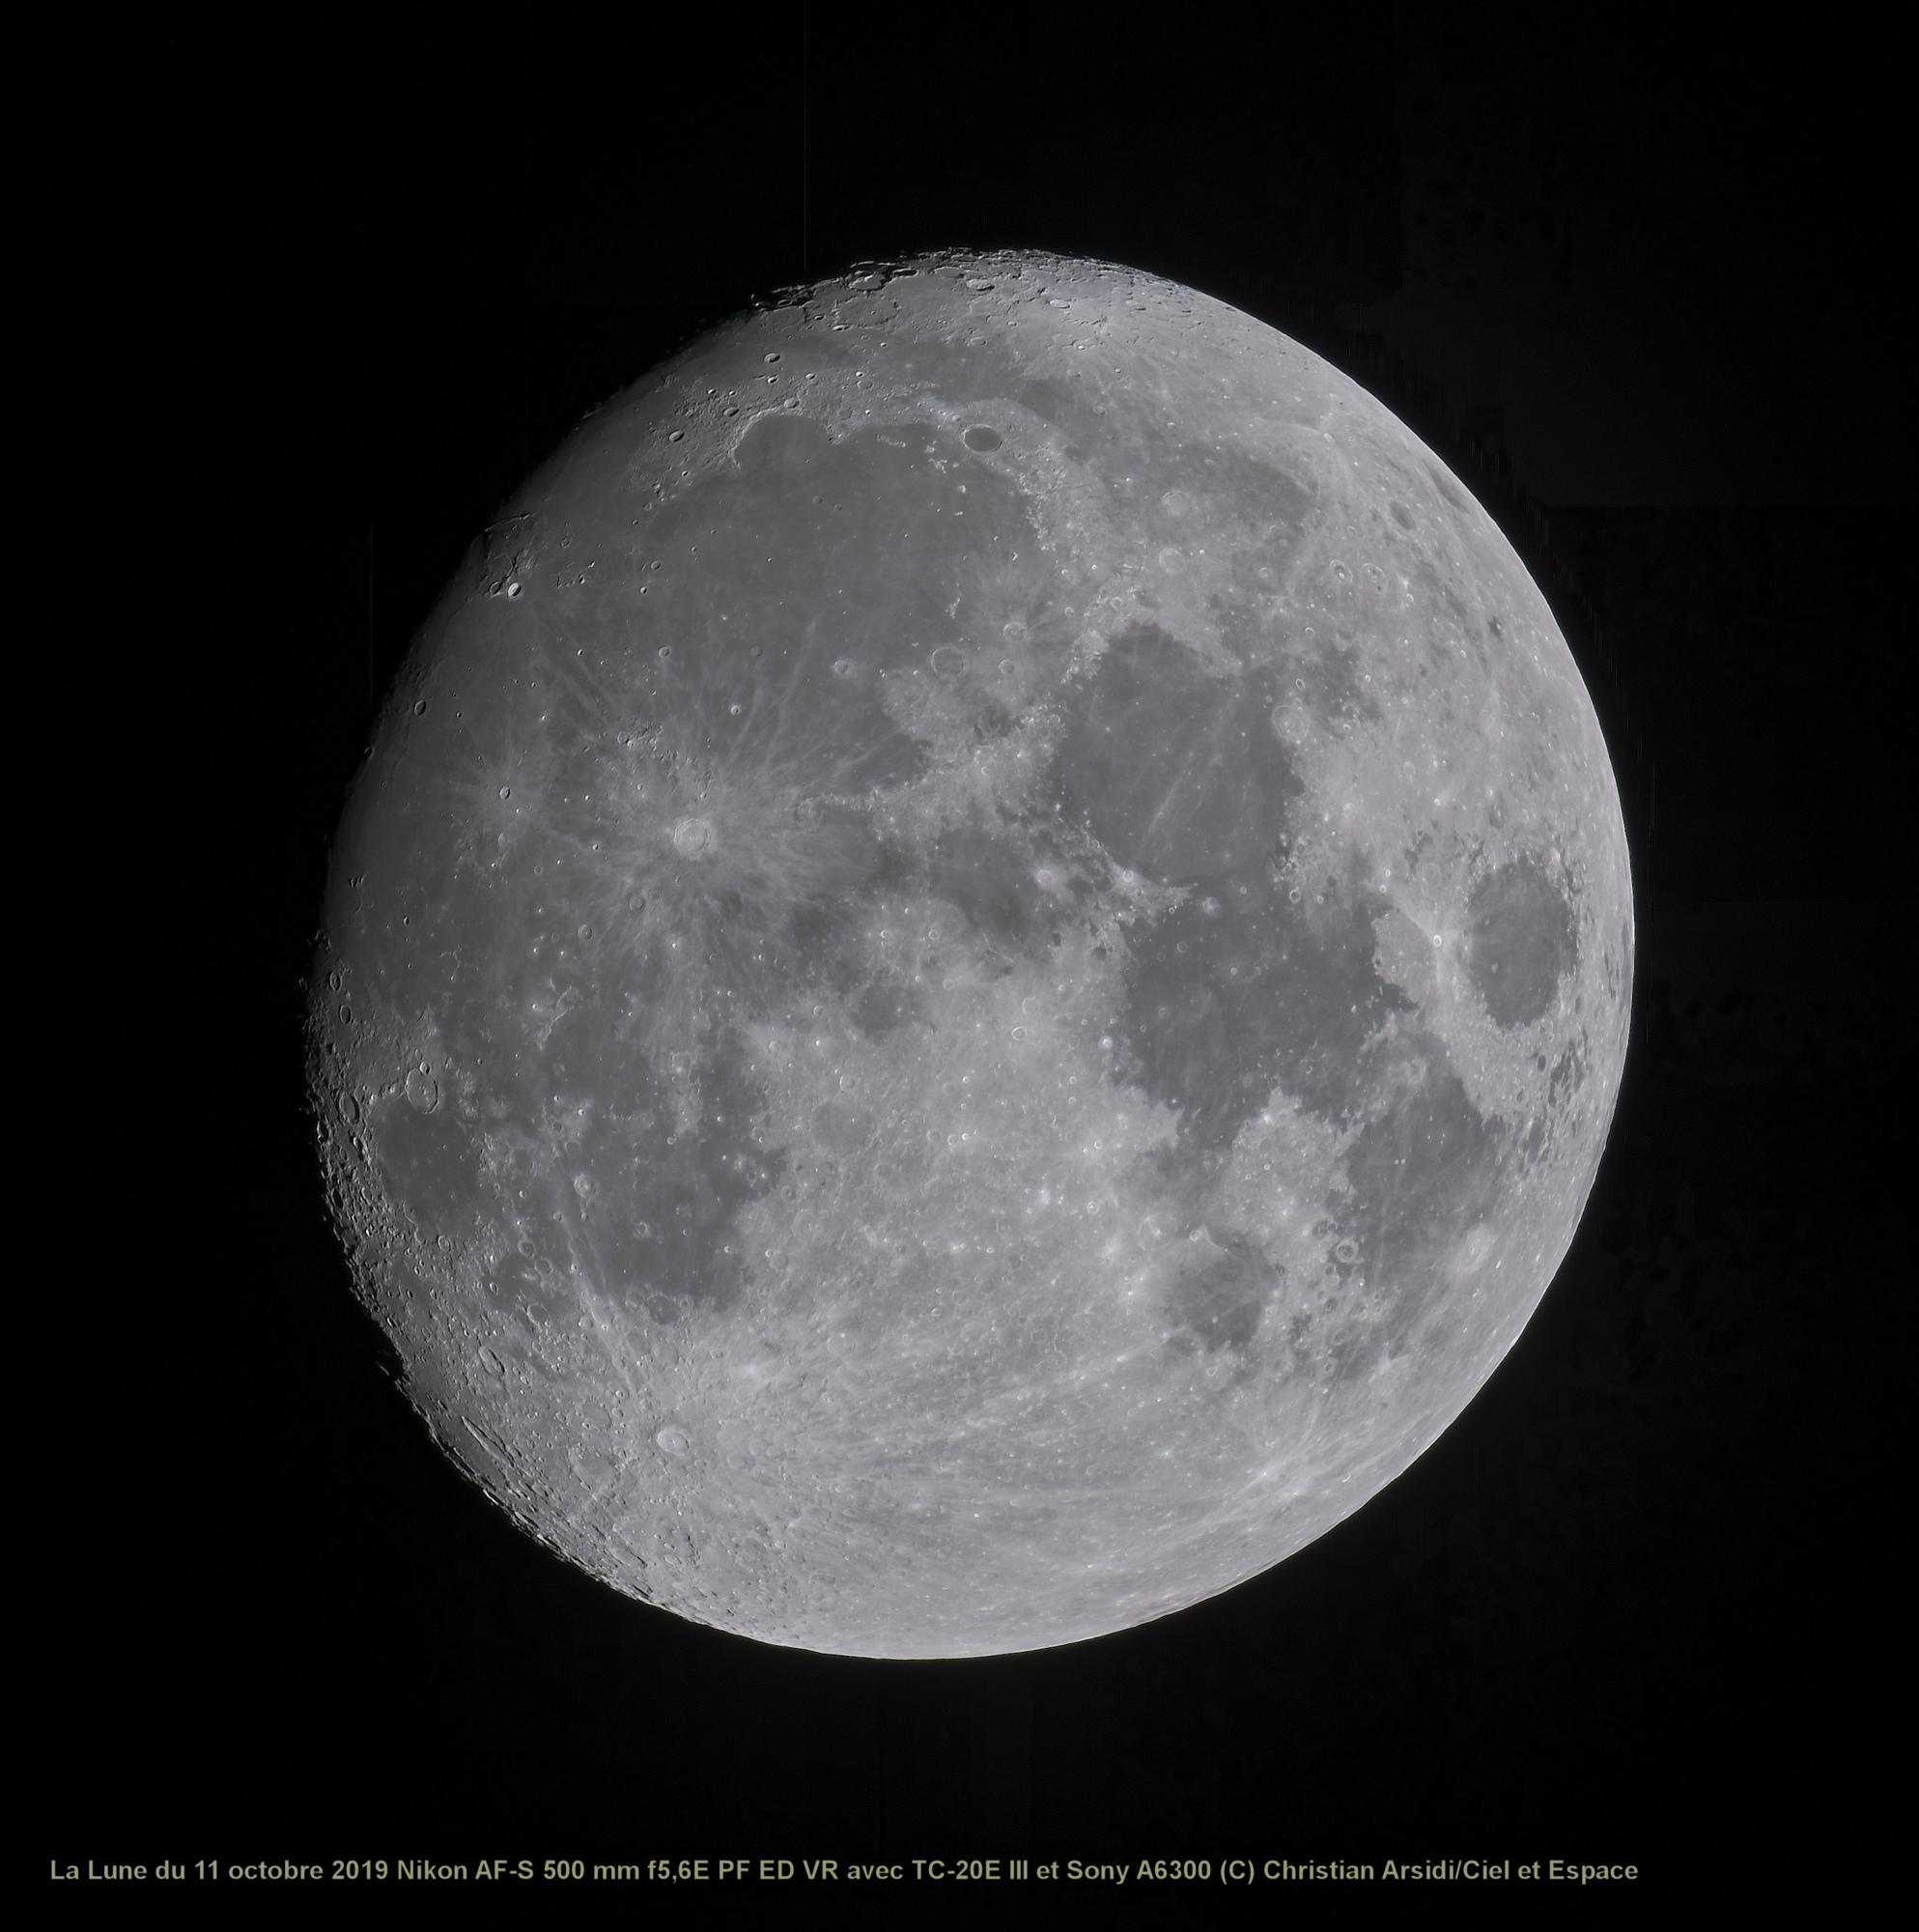 La Lune 25 images NV CA TTB Jpeg.jpg